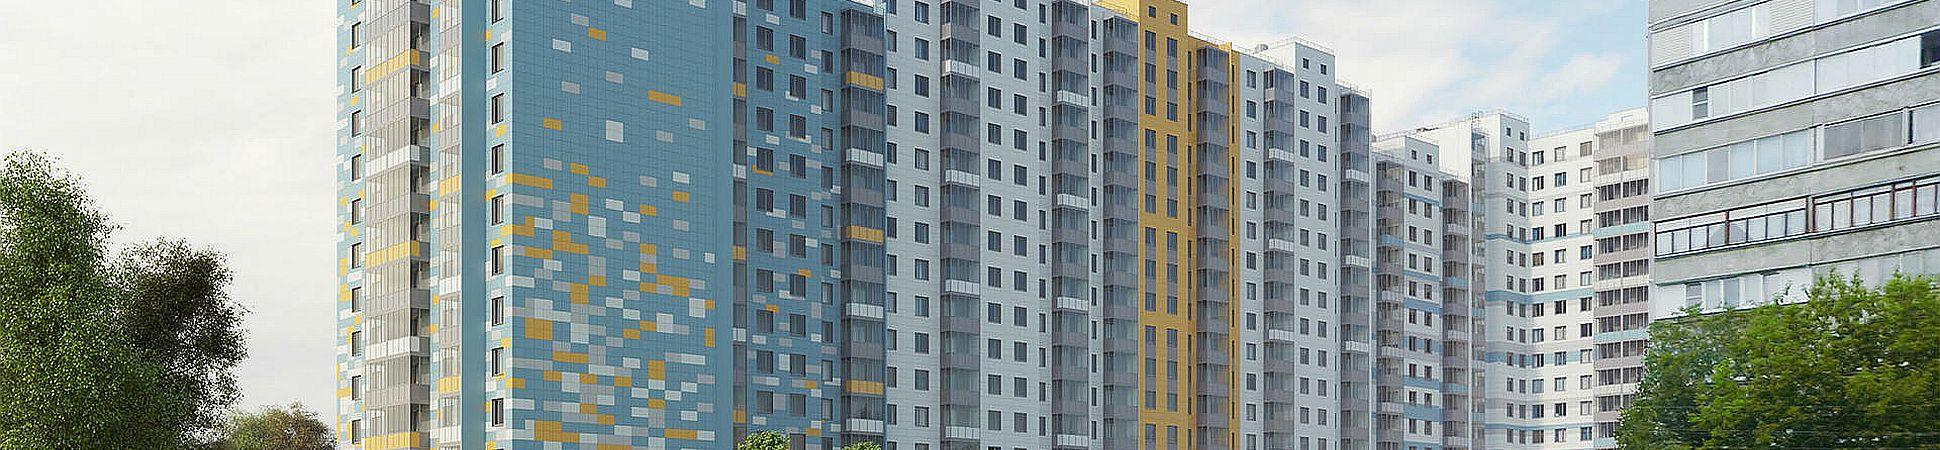 Остекление балконов цены раменское балкон застеклить идеи